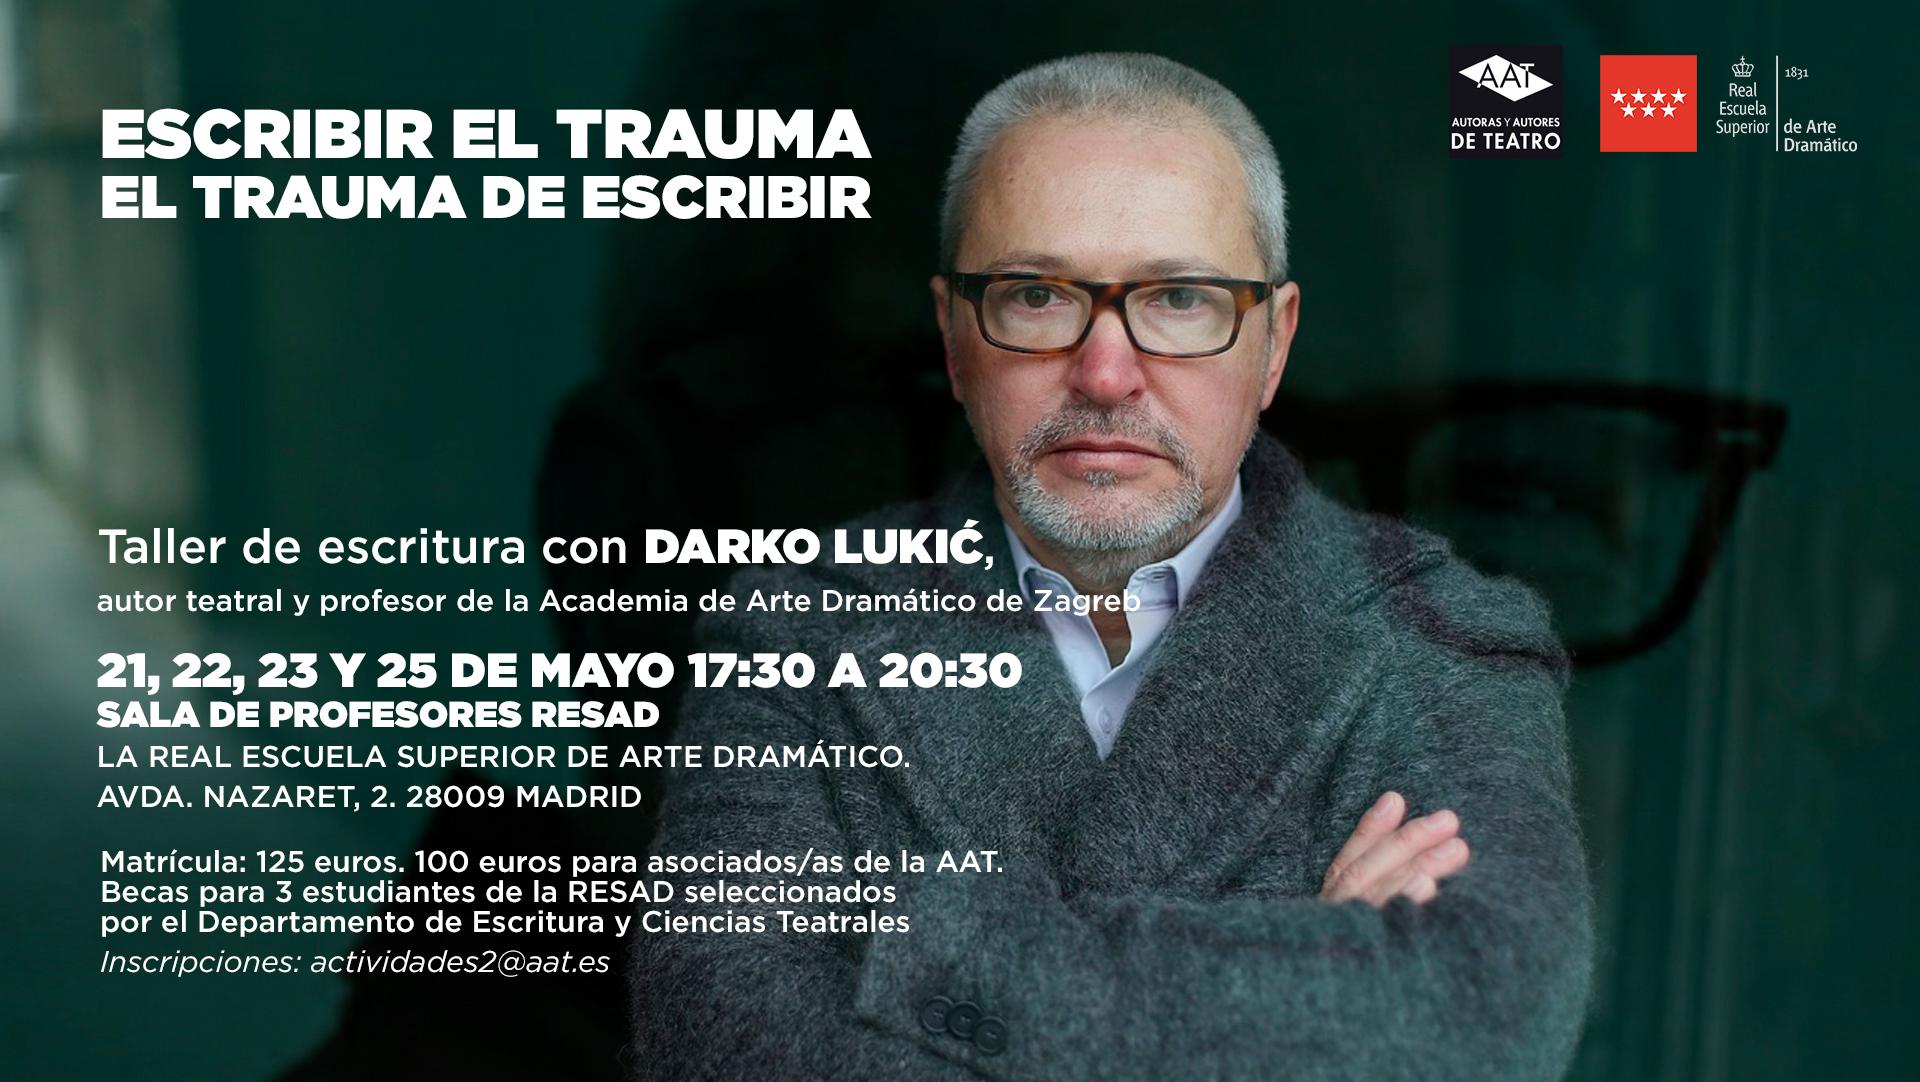 Real Escuela Superior de Arte Dramático de Madrid